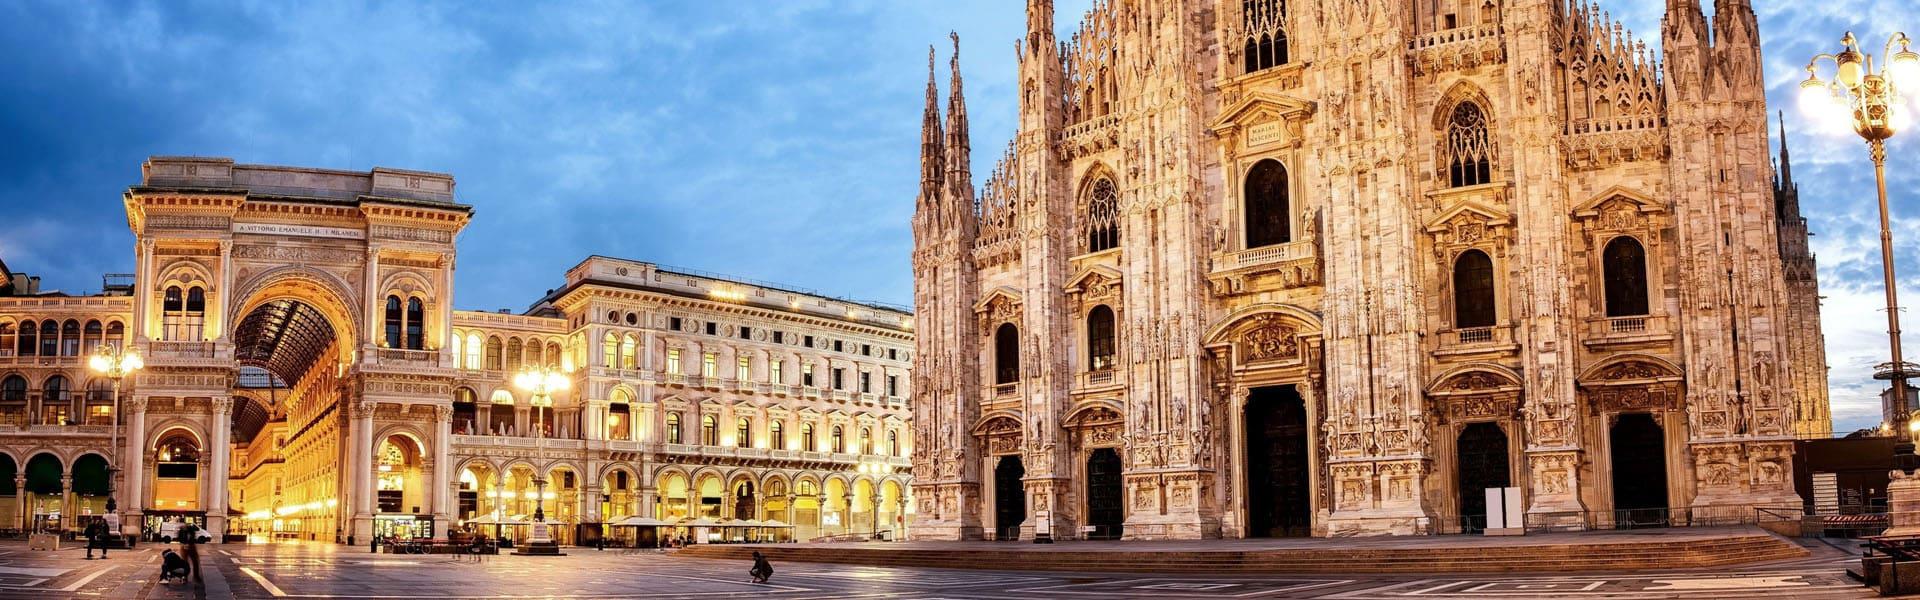 Групповые обзорные экскурсии по Милану